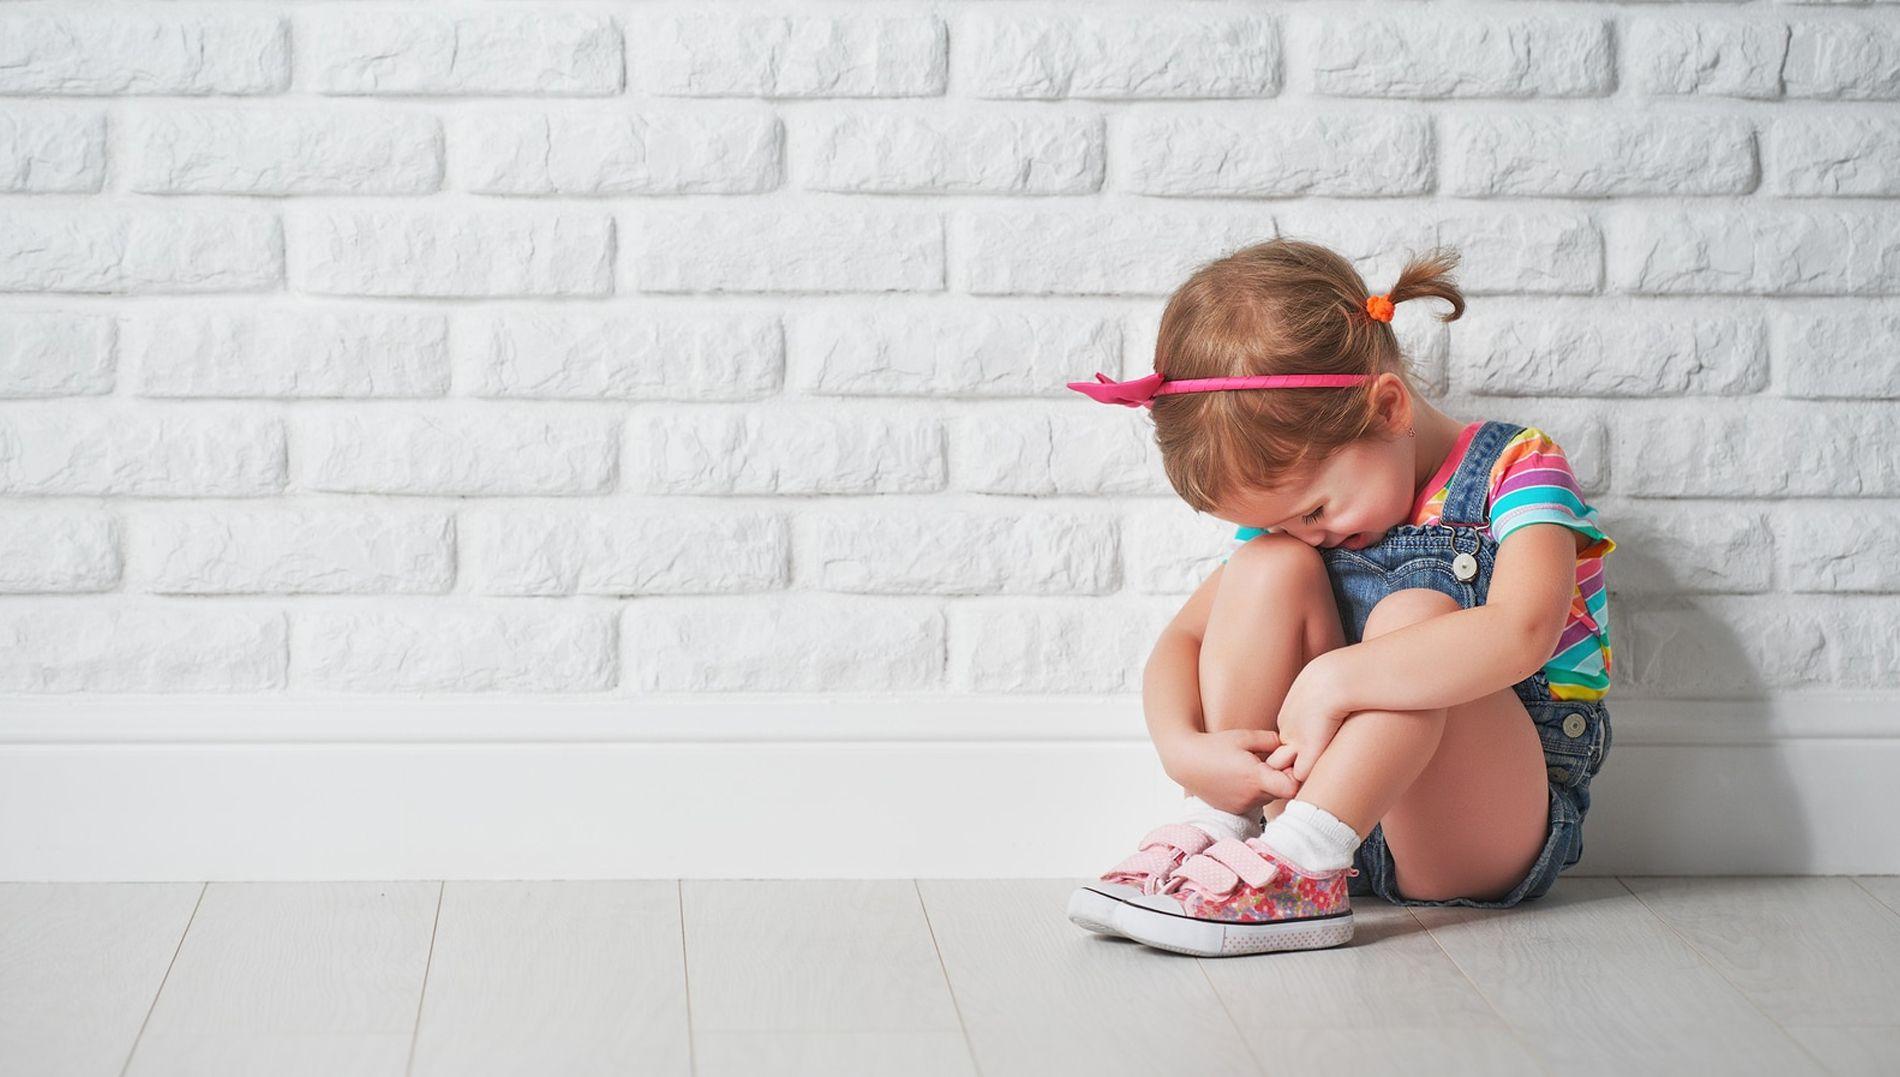 Отправки почтовых, смешная картинка девочка плачет